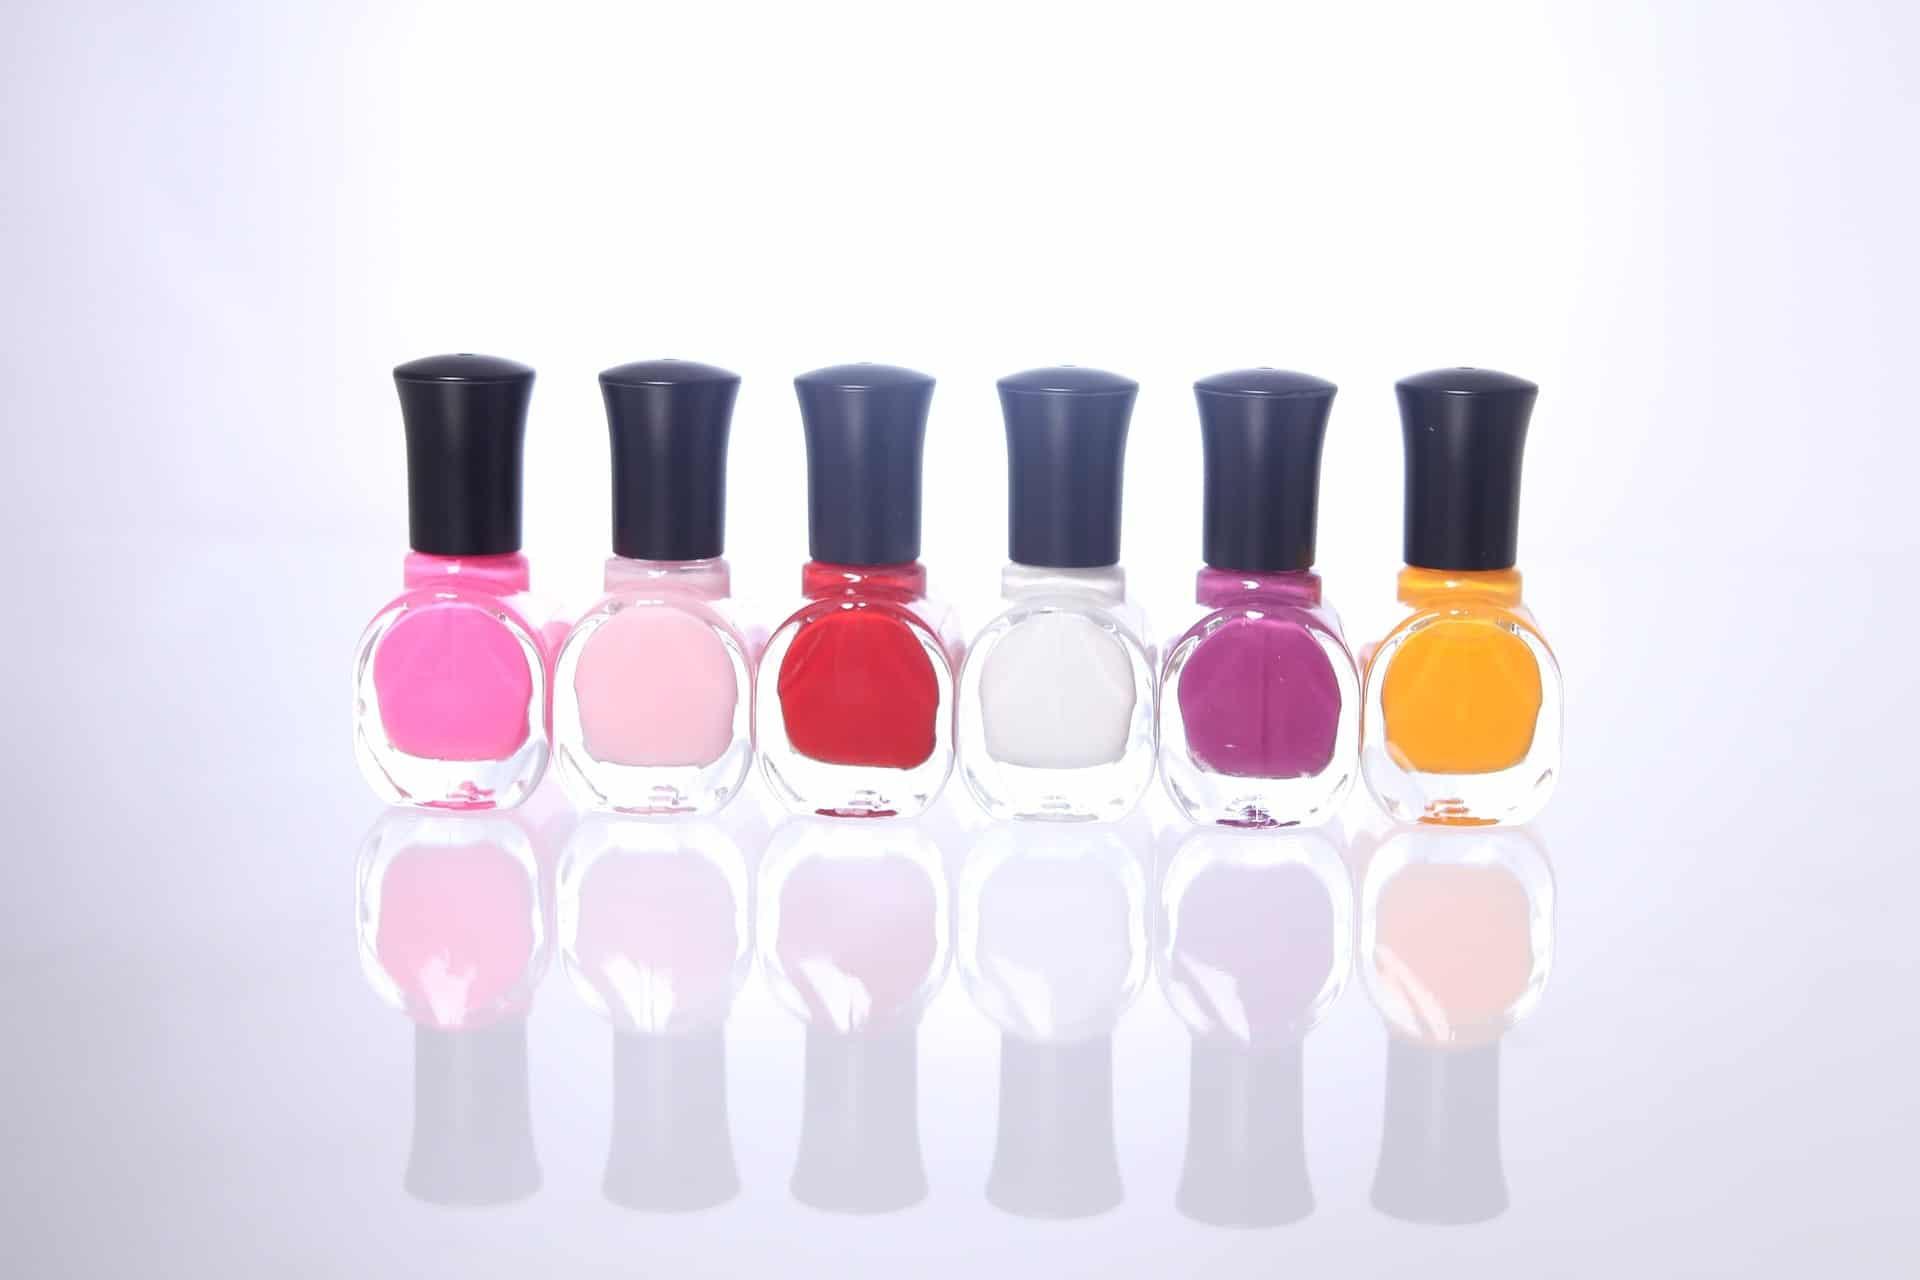 Foto de seis vidros de esmalte de diferentes cores, um ao lado do outro, em um fundo branco.